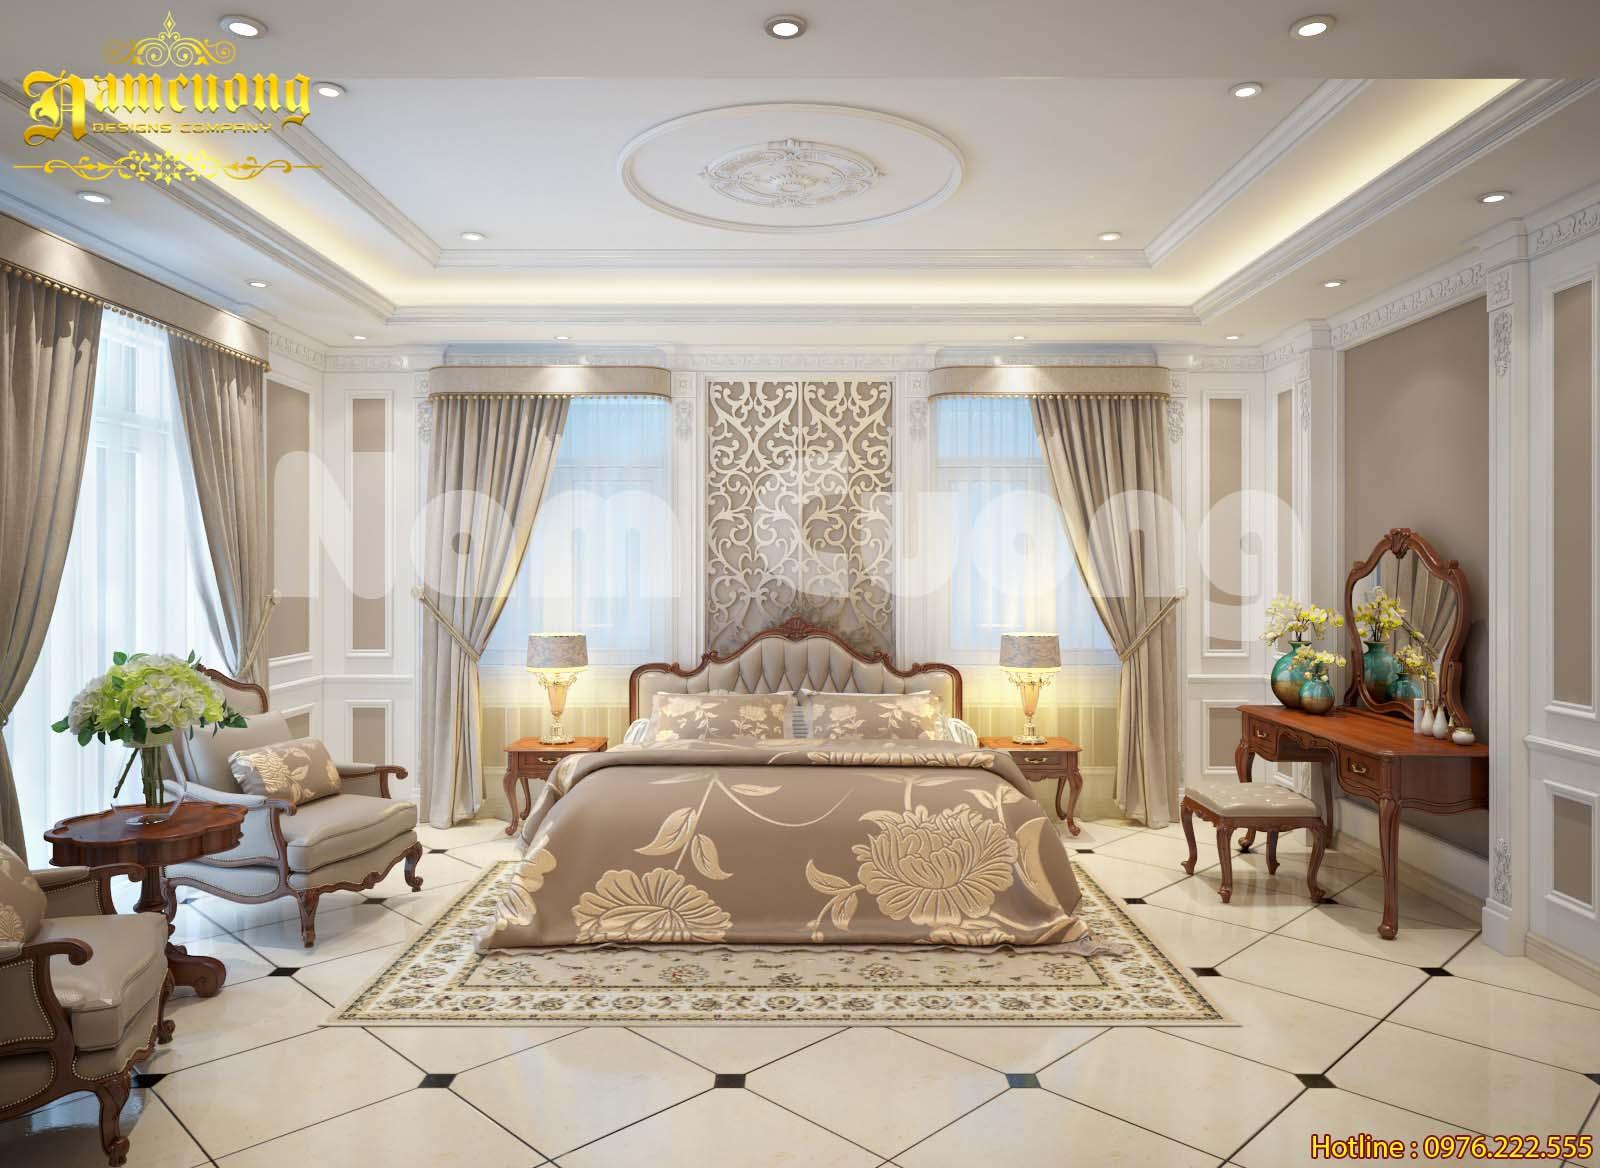 Mẫu thiết kế phòng ngủ cho biệt thự lâu đài tại Sài Gòn